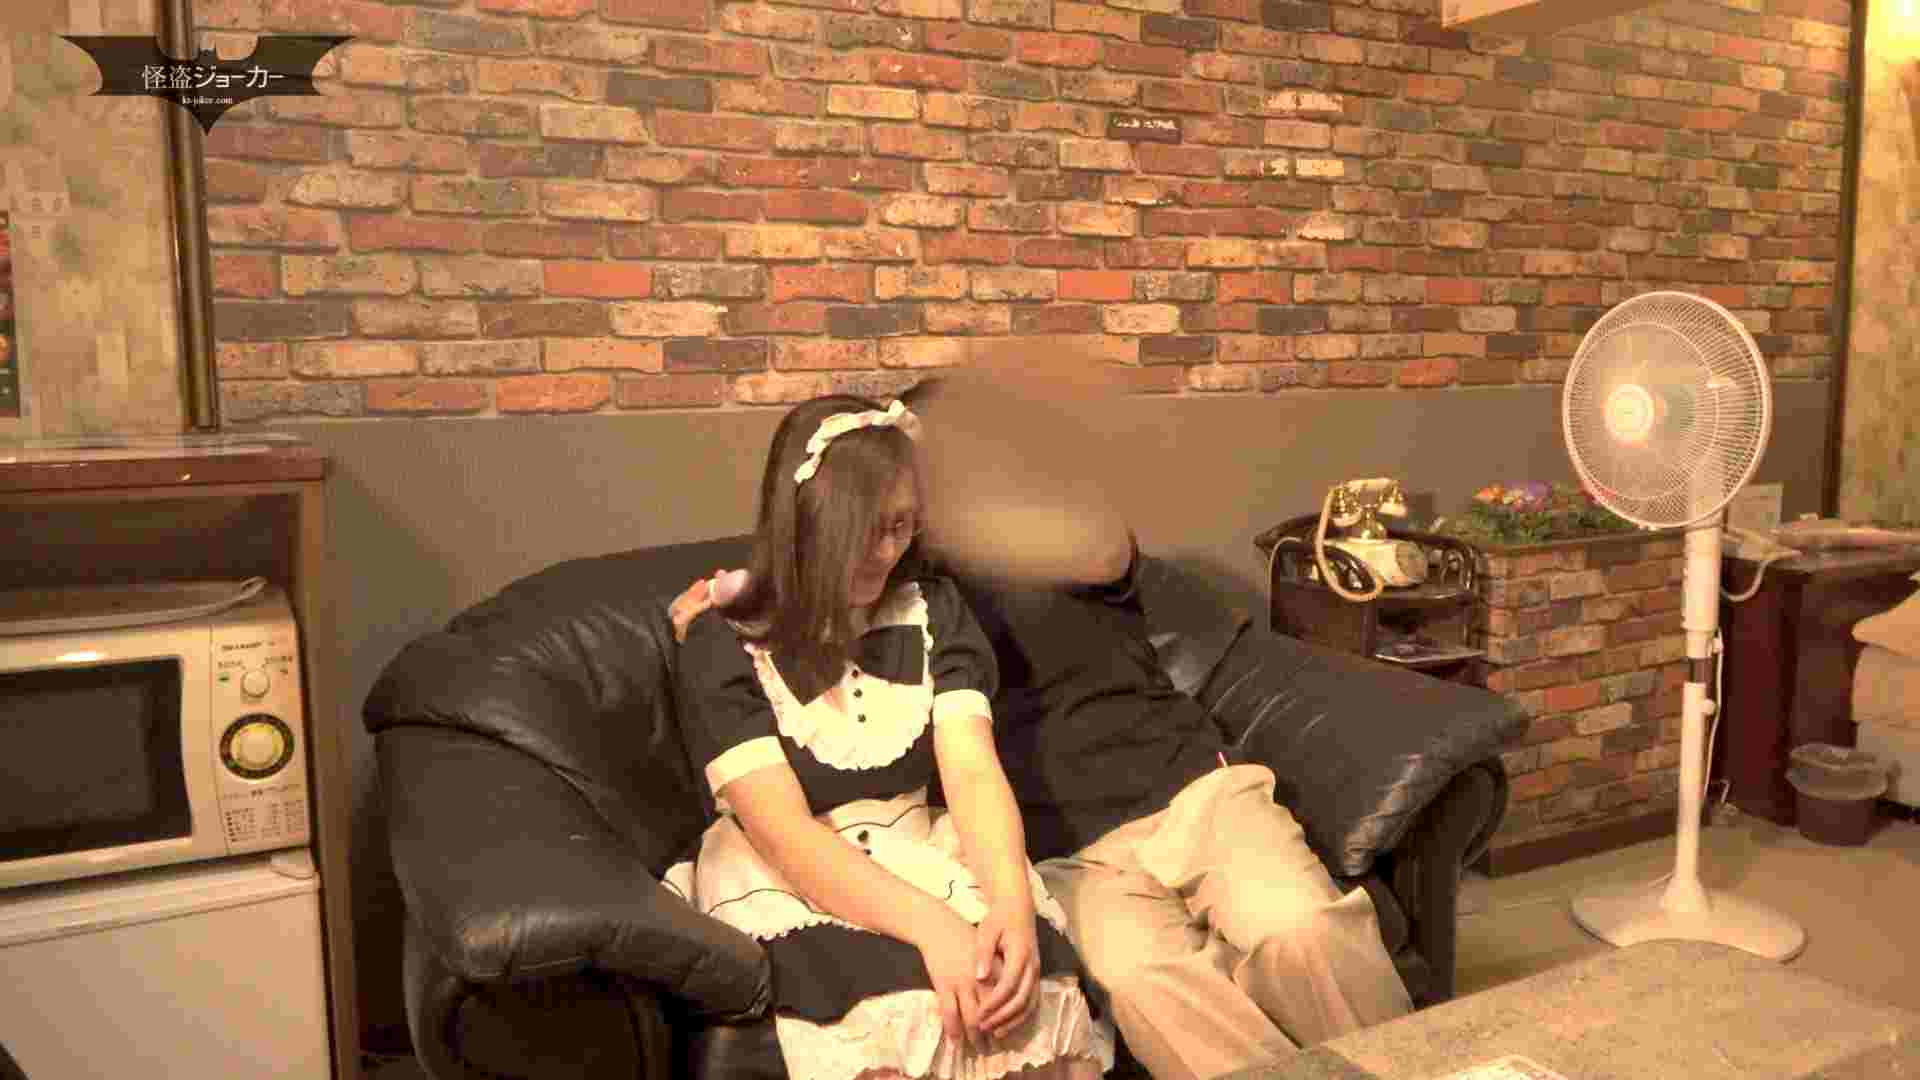 メイドさんの奴隷調教 前編 高画質 ぱこり動画紹介 111枚 5